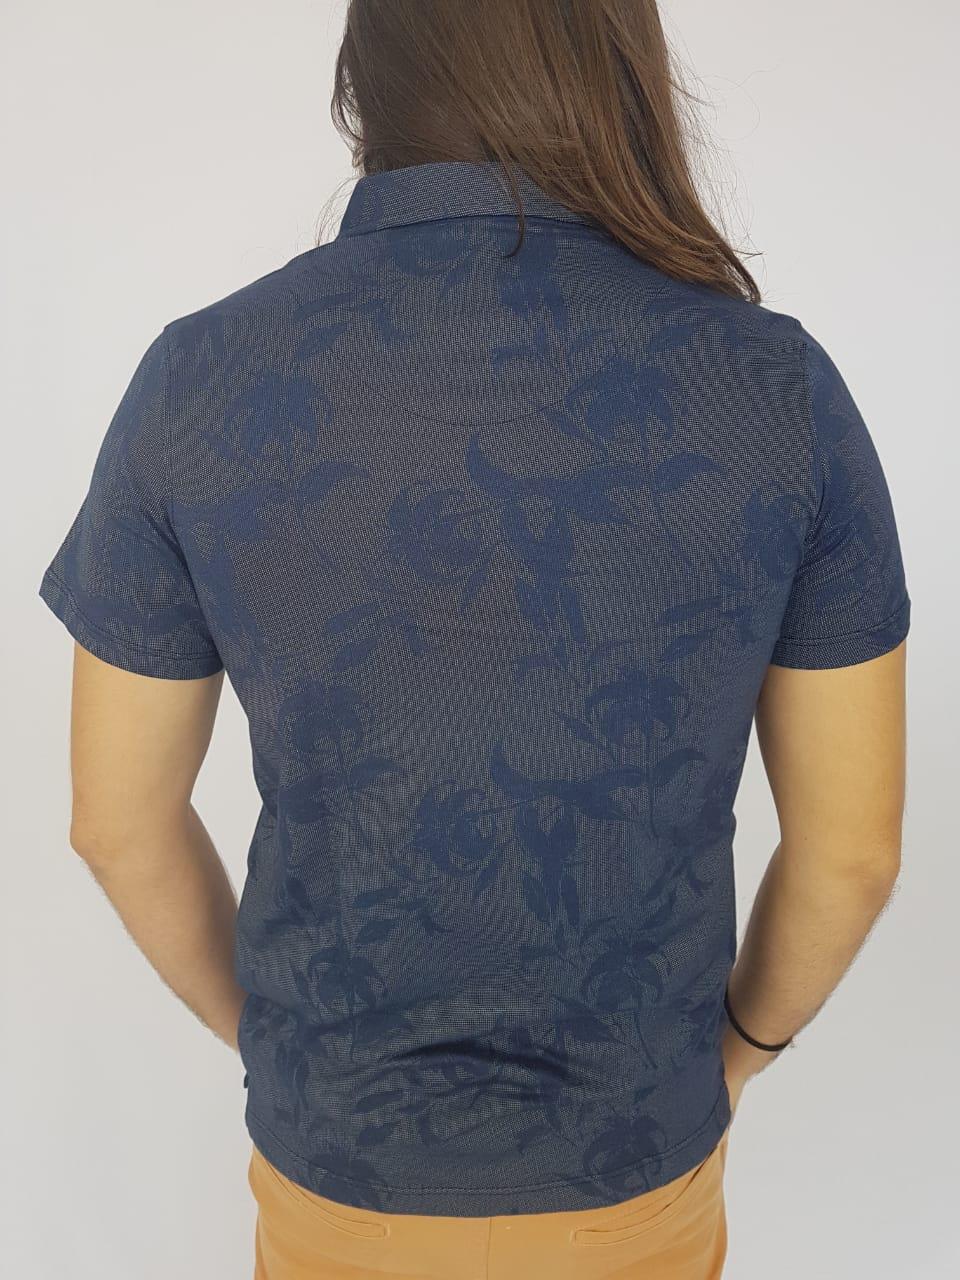 Camiseta Masculina Ogochi Polo Manga Curta Floral